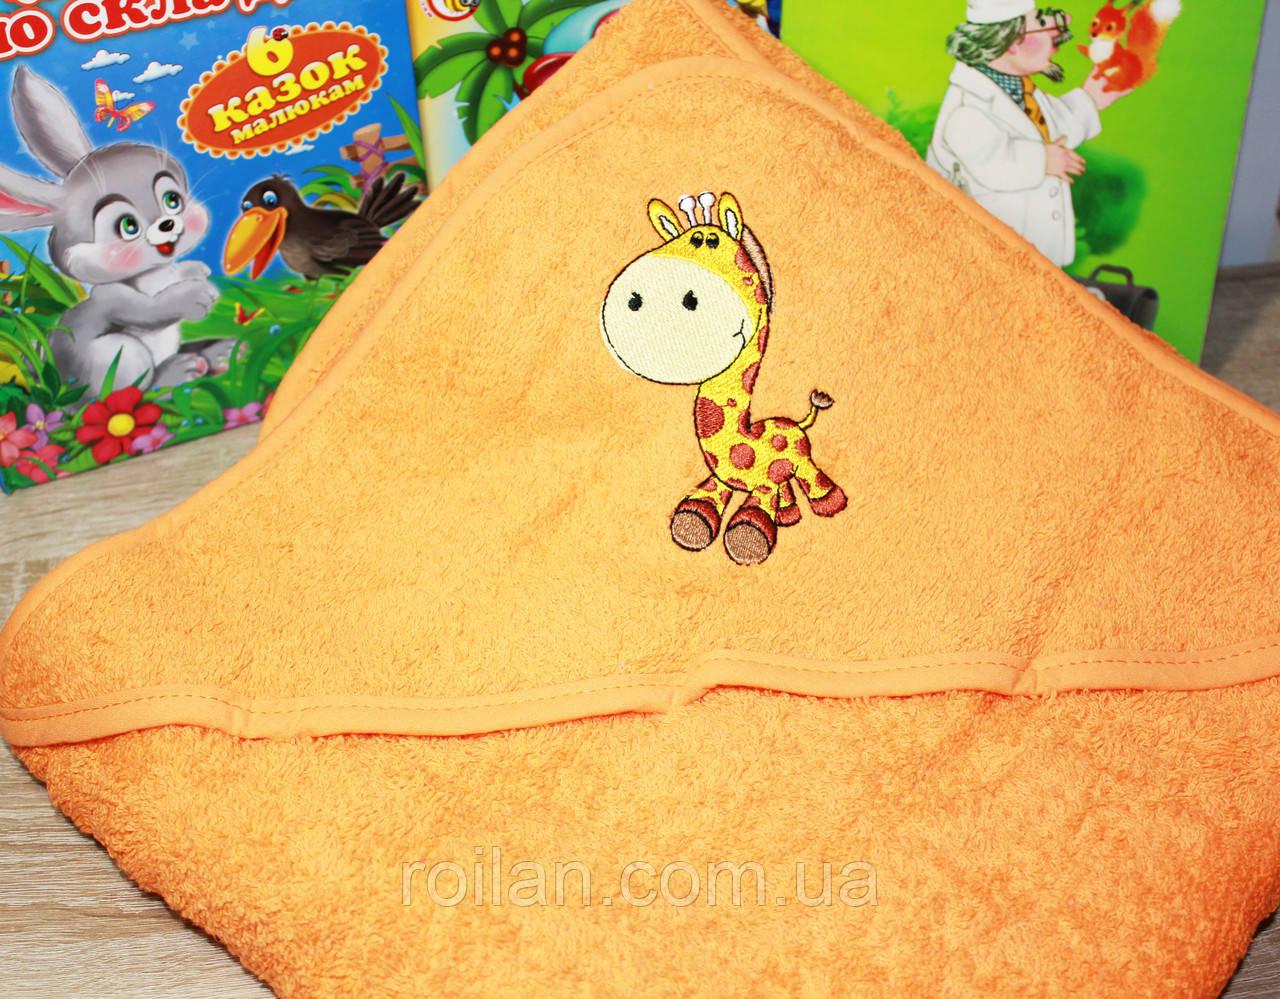 Детскийкапюшондля купания Жирафа